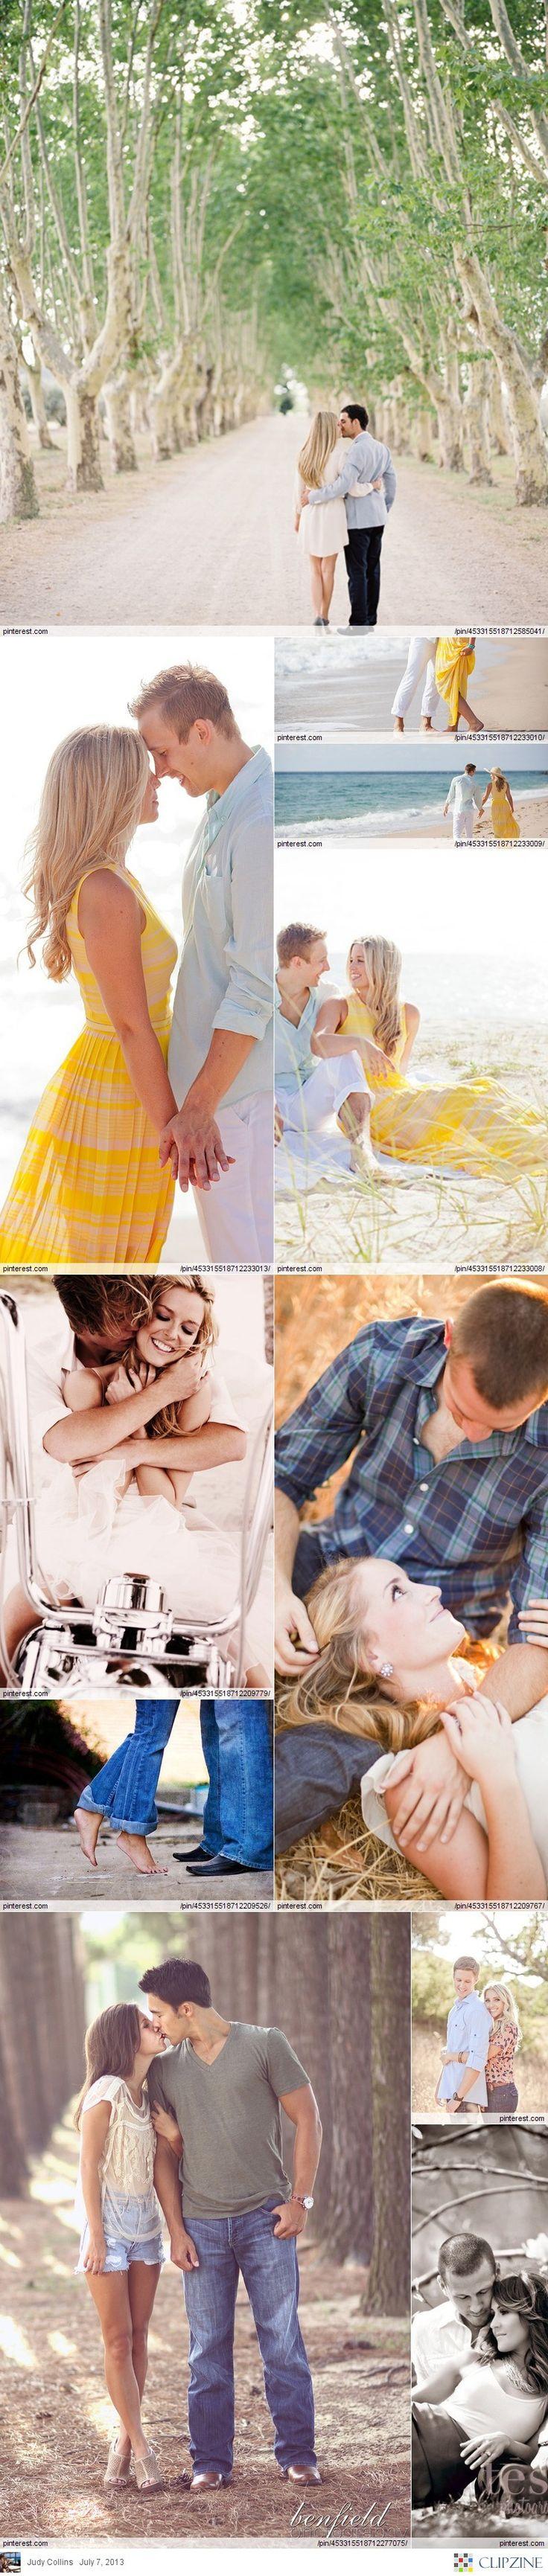 Engagement Photography @Elena Kovyrzina Nicole